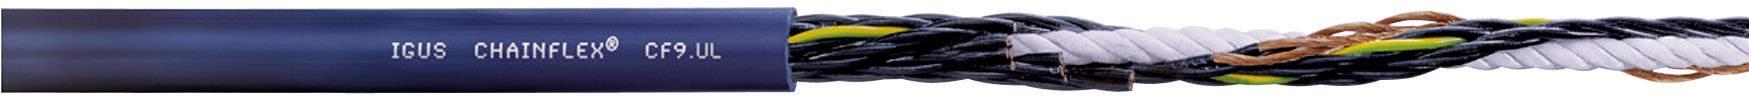 Řídicí kabelové vedení igus Chainflex® CF9.03.08, 8x 0,34 mm², Ø 6,5 mm, 1 m, modrá